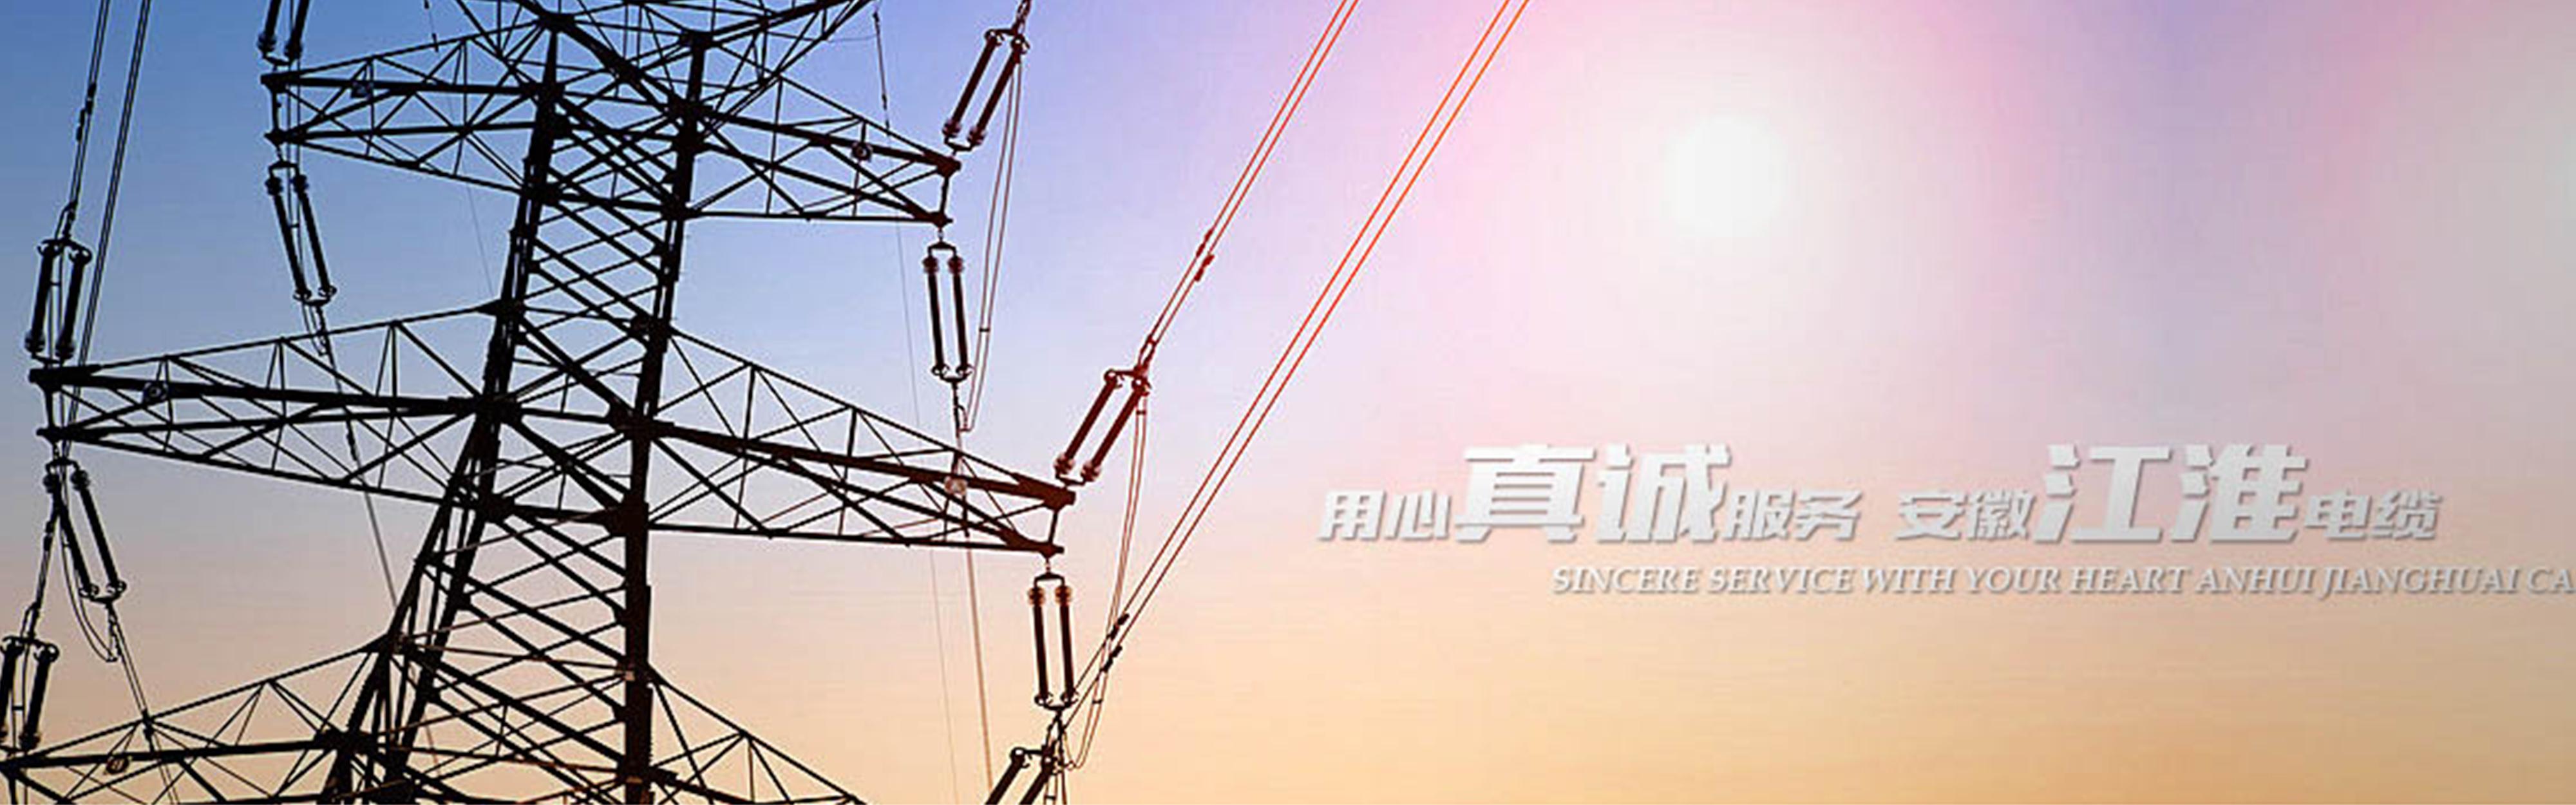 四川通胜电缆集团超碰公开视频